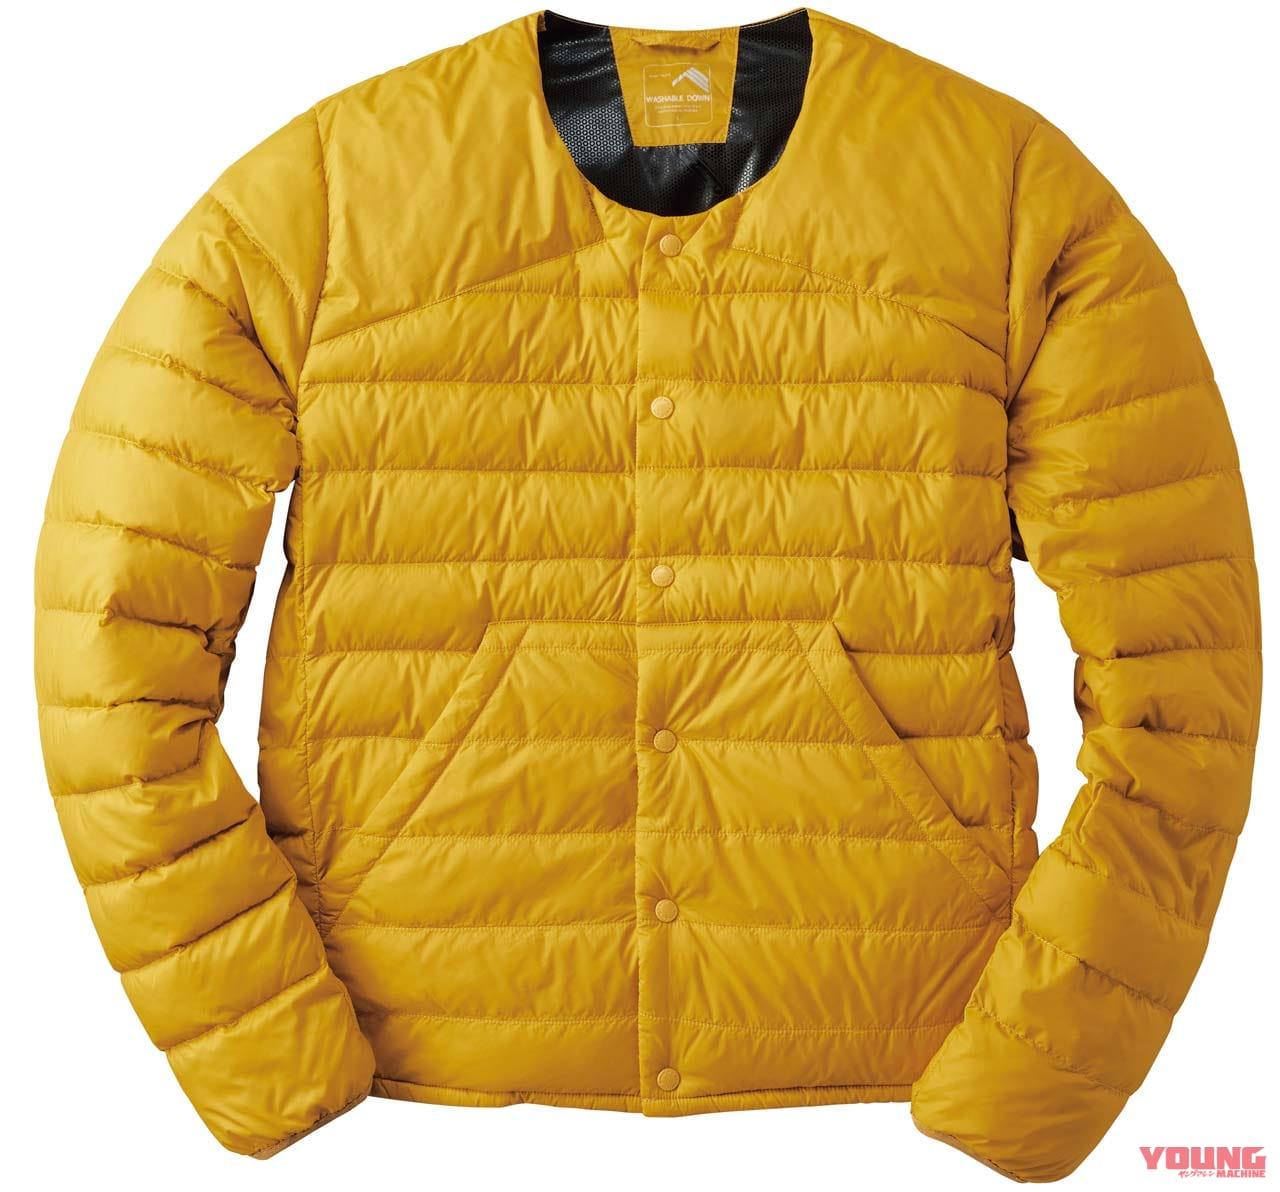 フィールドコア ウォッシャブルフュージョンダウンライトジャケット HD004|ワークマン